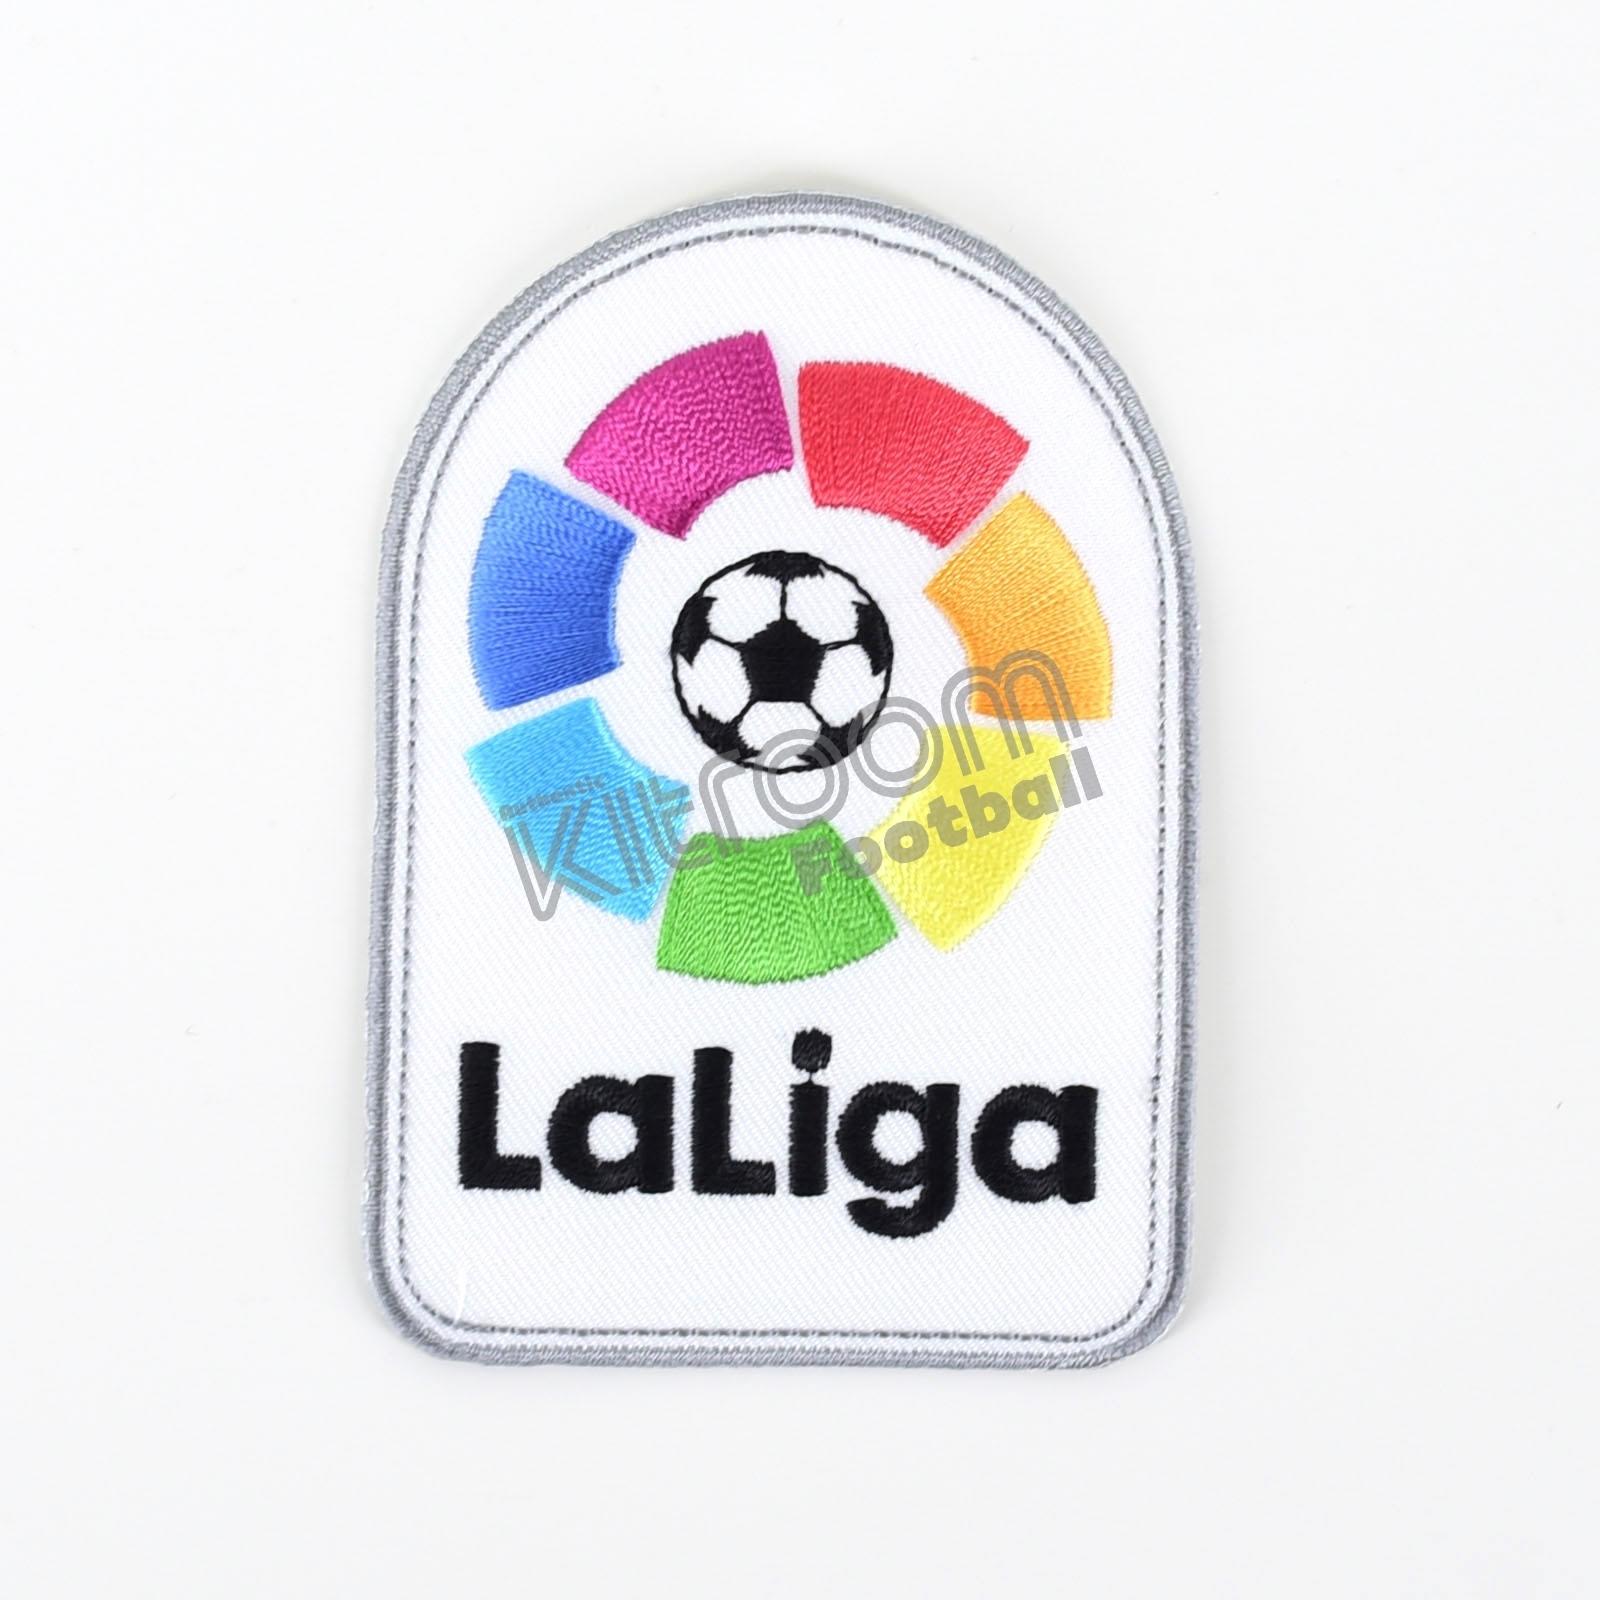 La Liga: 2016-19 La Liga Embroidery Player Issue Patch